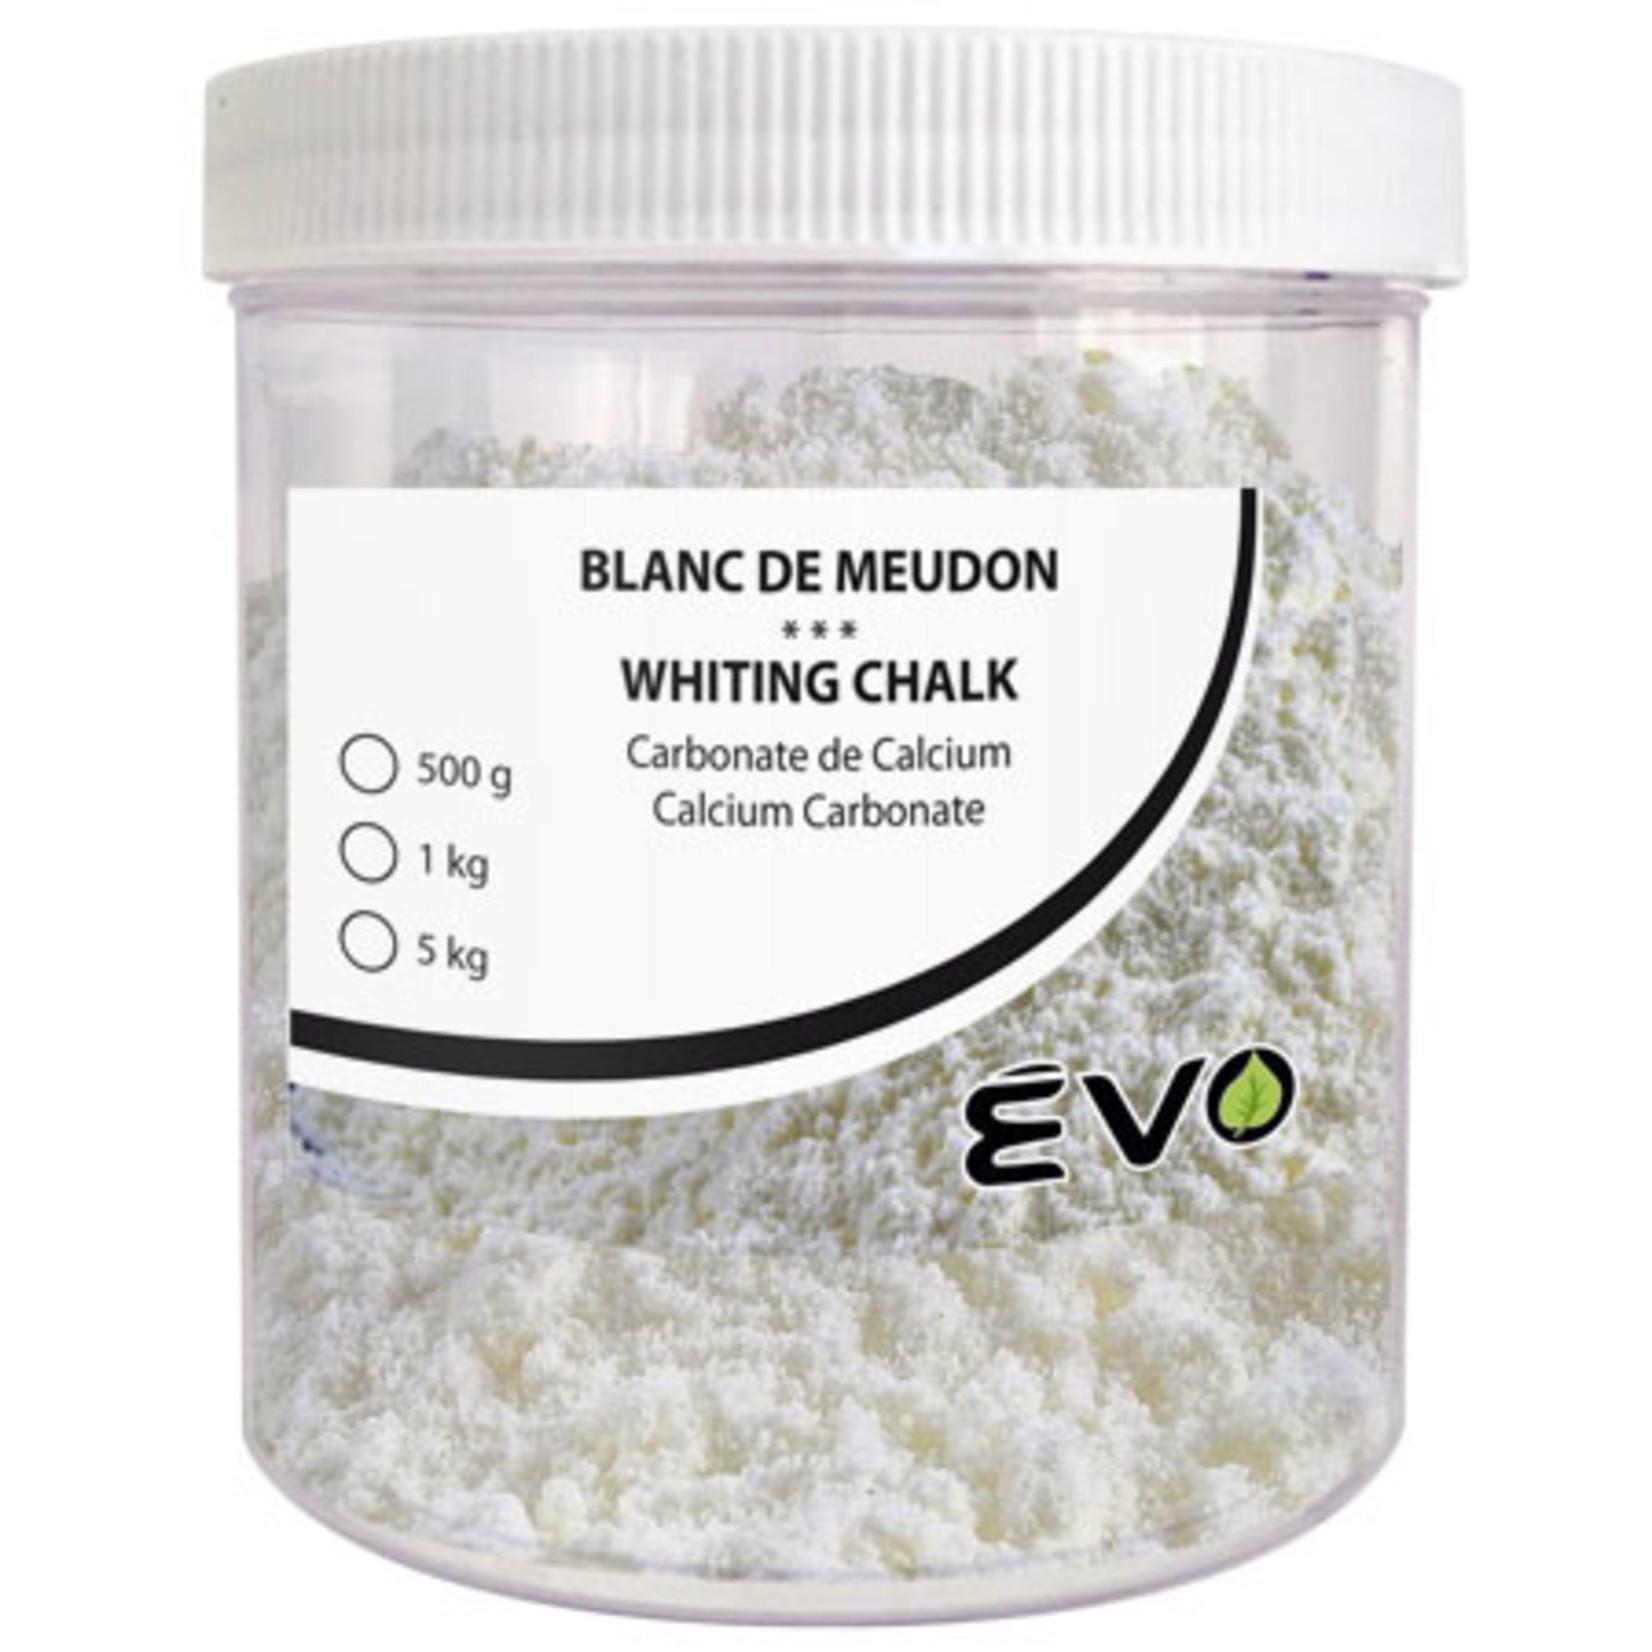 EVO Blanc de meudon